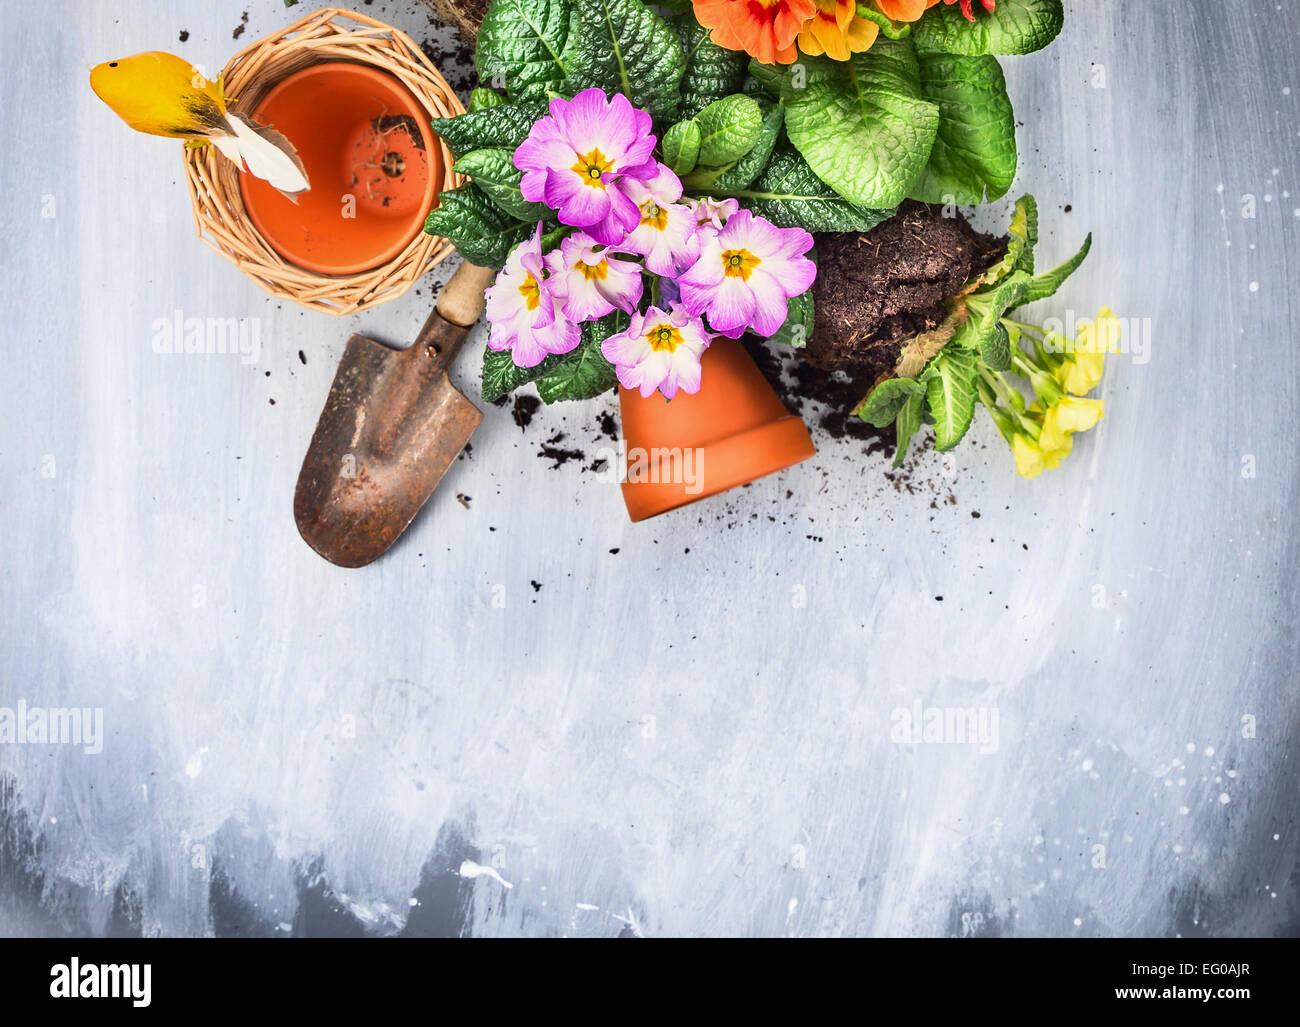 Fiori di Primavera potting con attrezzi da giardino, pentole e suolo, su grigio tavolo in legno , vista dall'alto, Immagini Stock